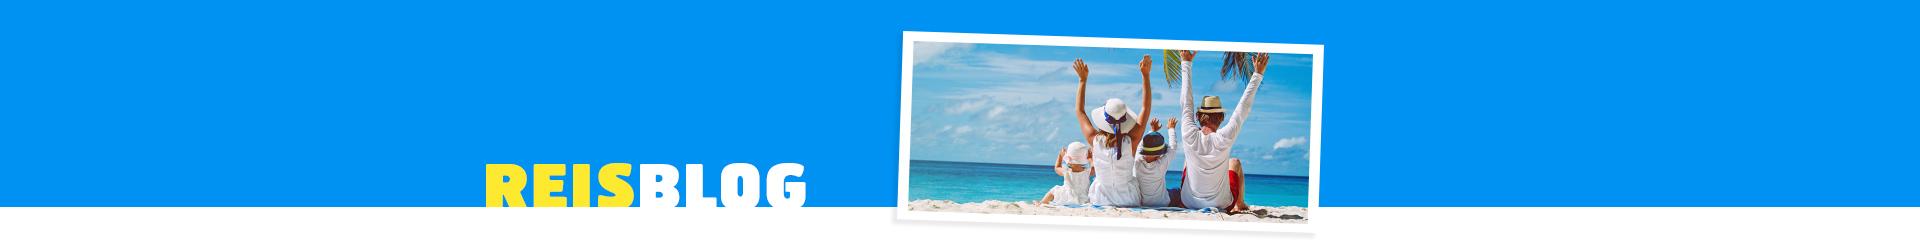 Gezin met handen in de lucht op het strand tijdens een verre vakantie